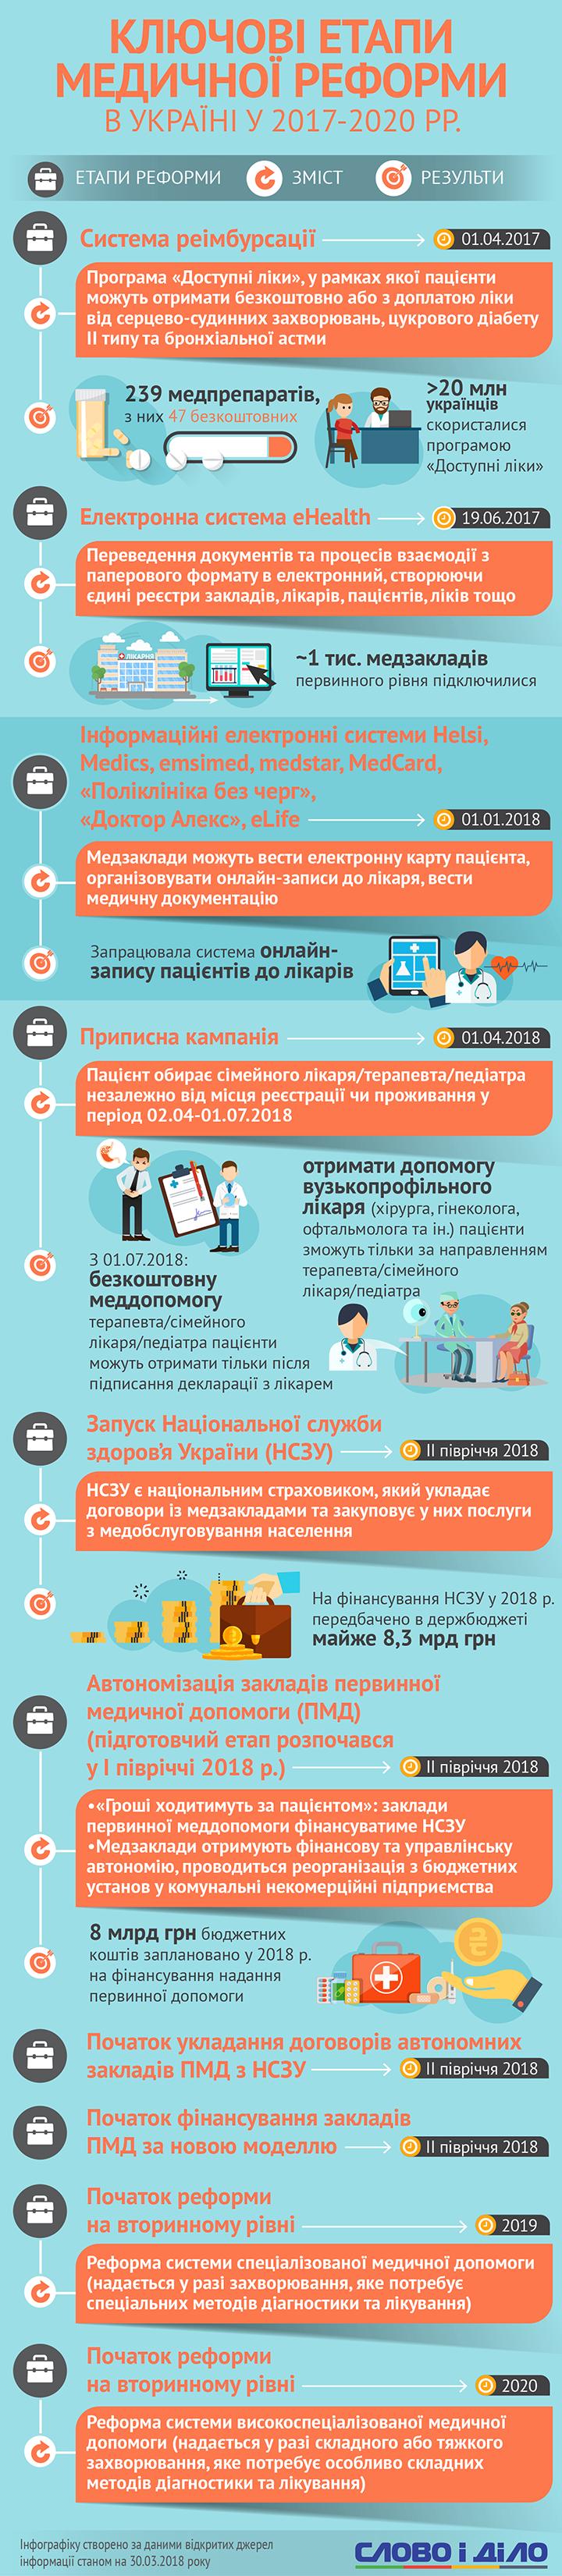 декларация 2019 украина